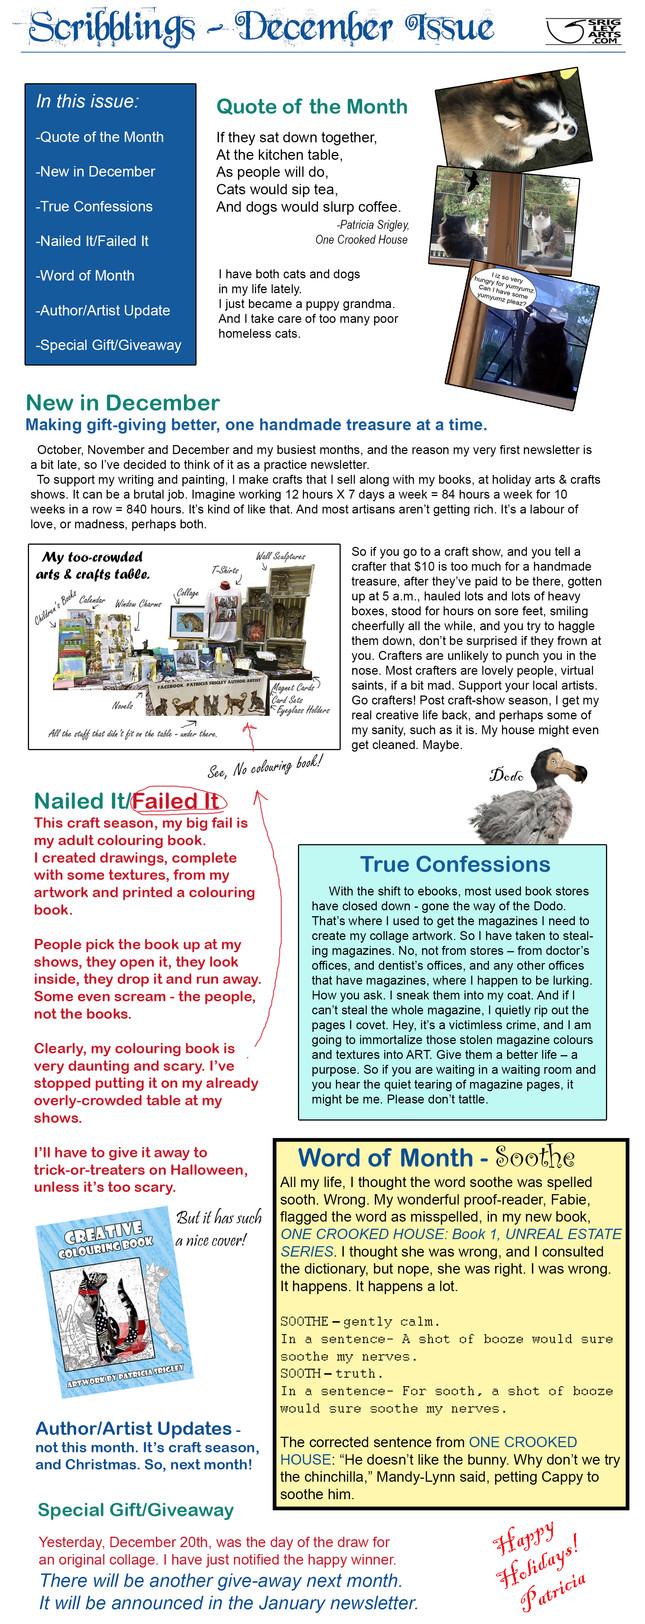 December Newsletter or Blogletter